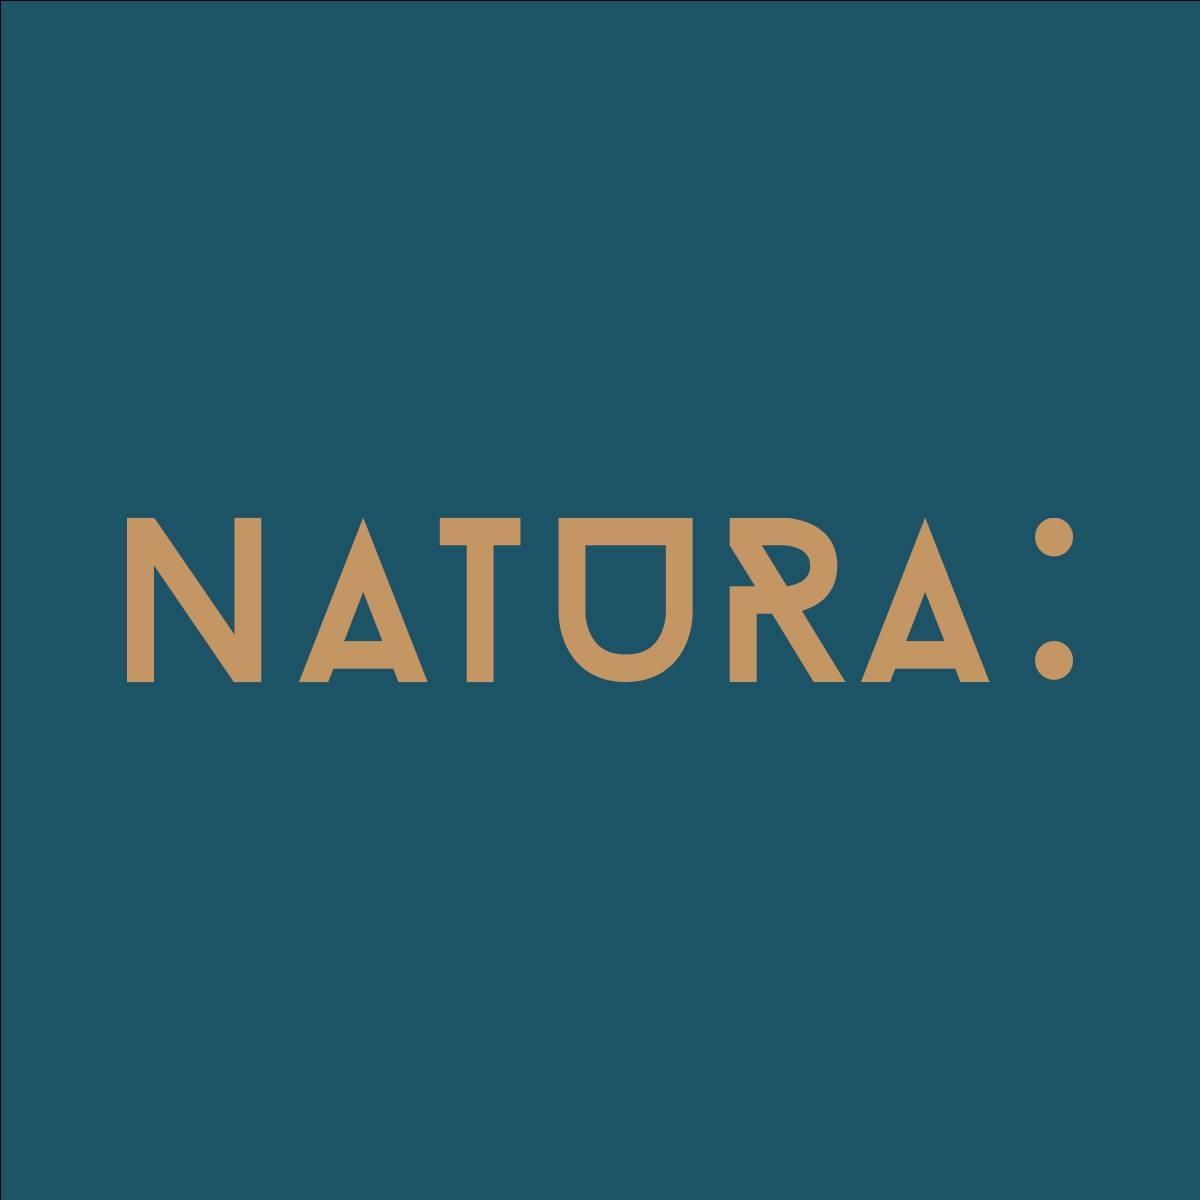 Natura: